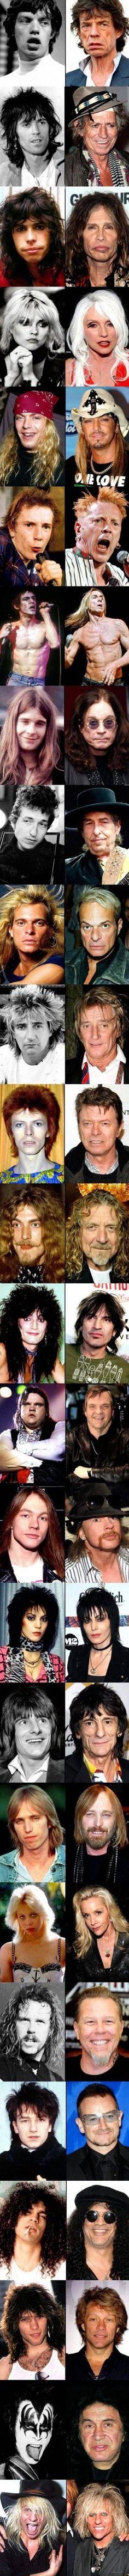 Rock Stars aging timeline